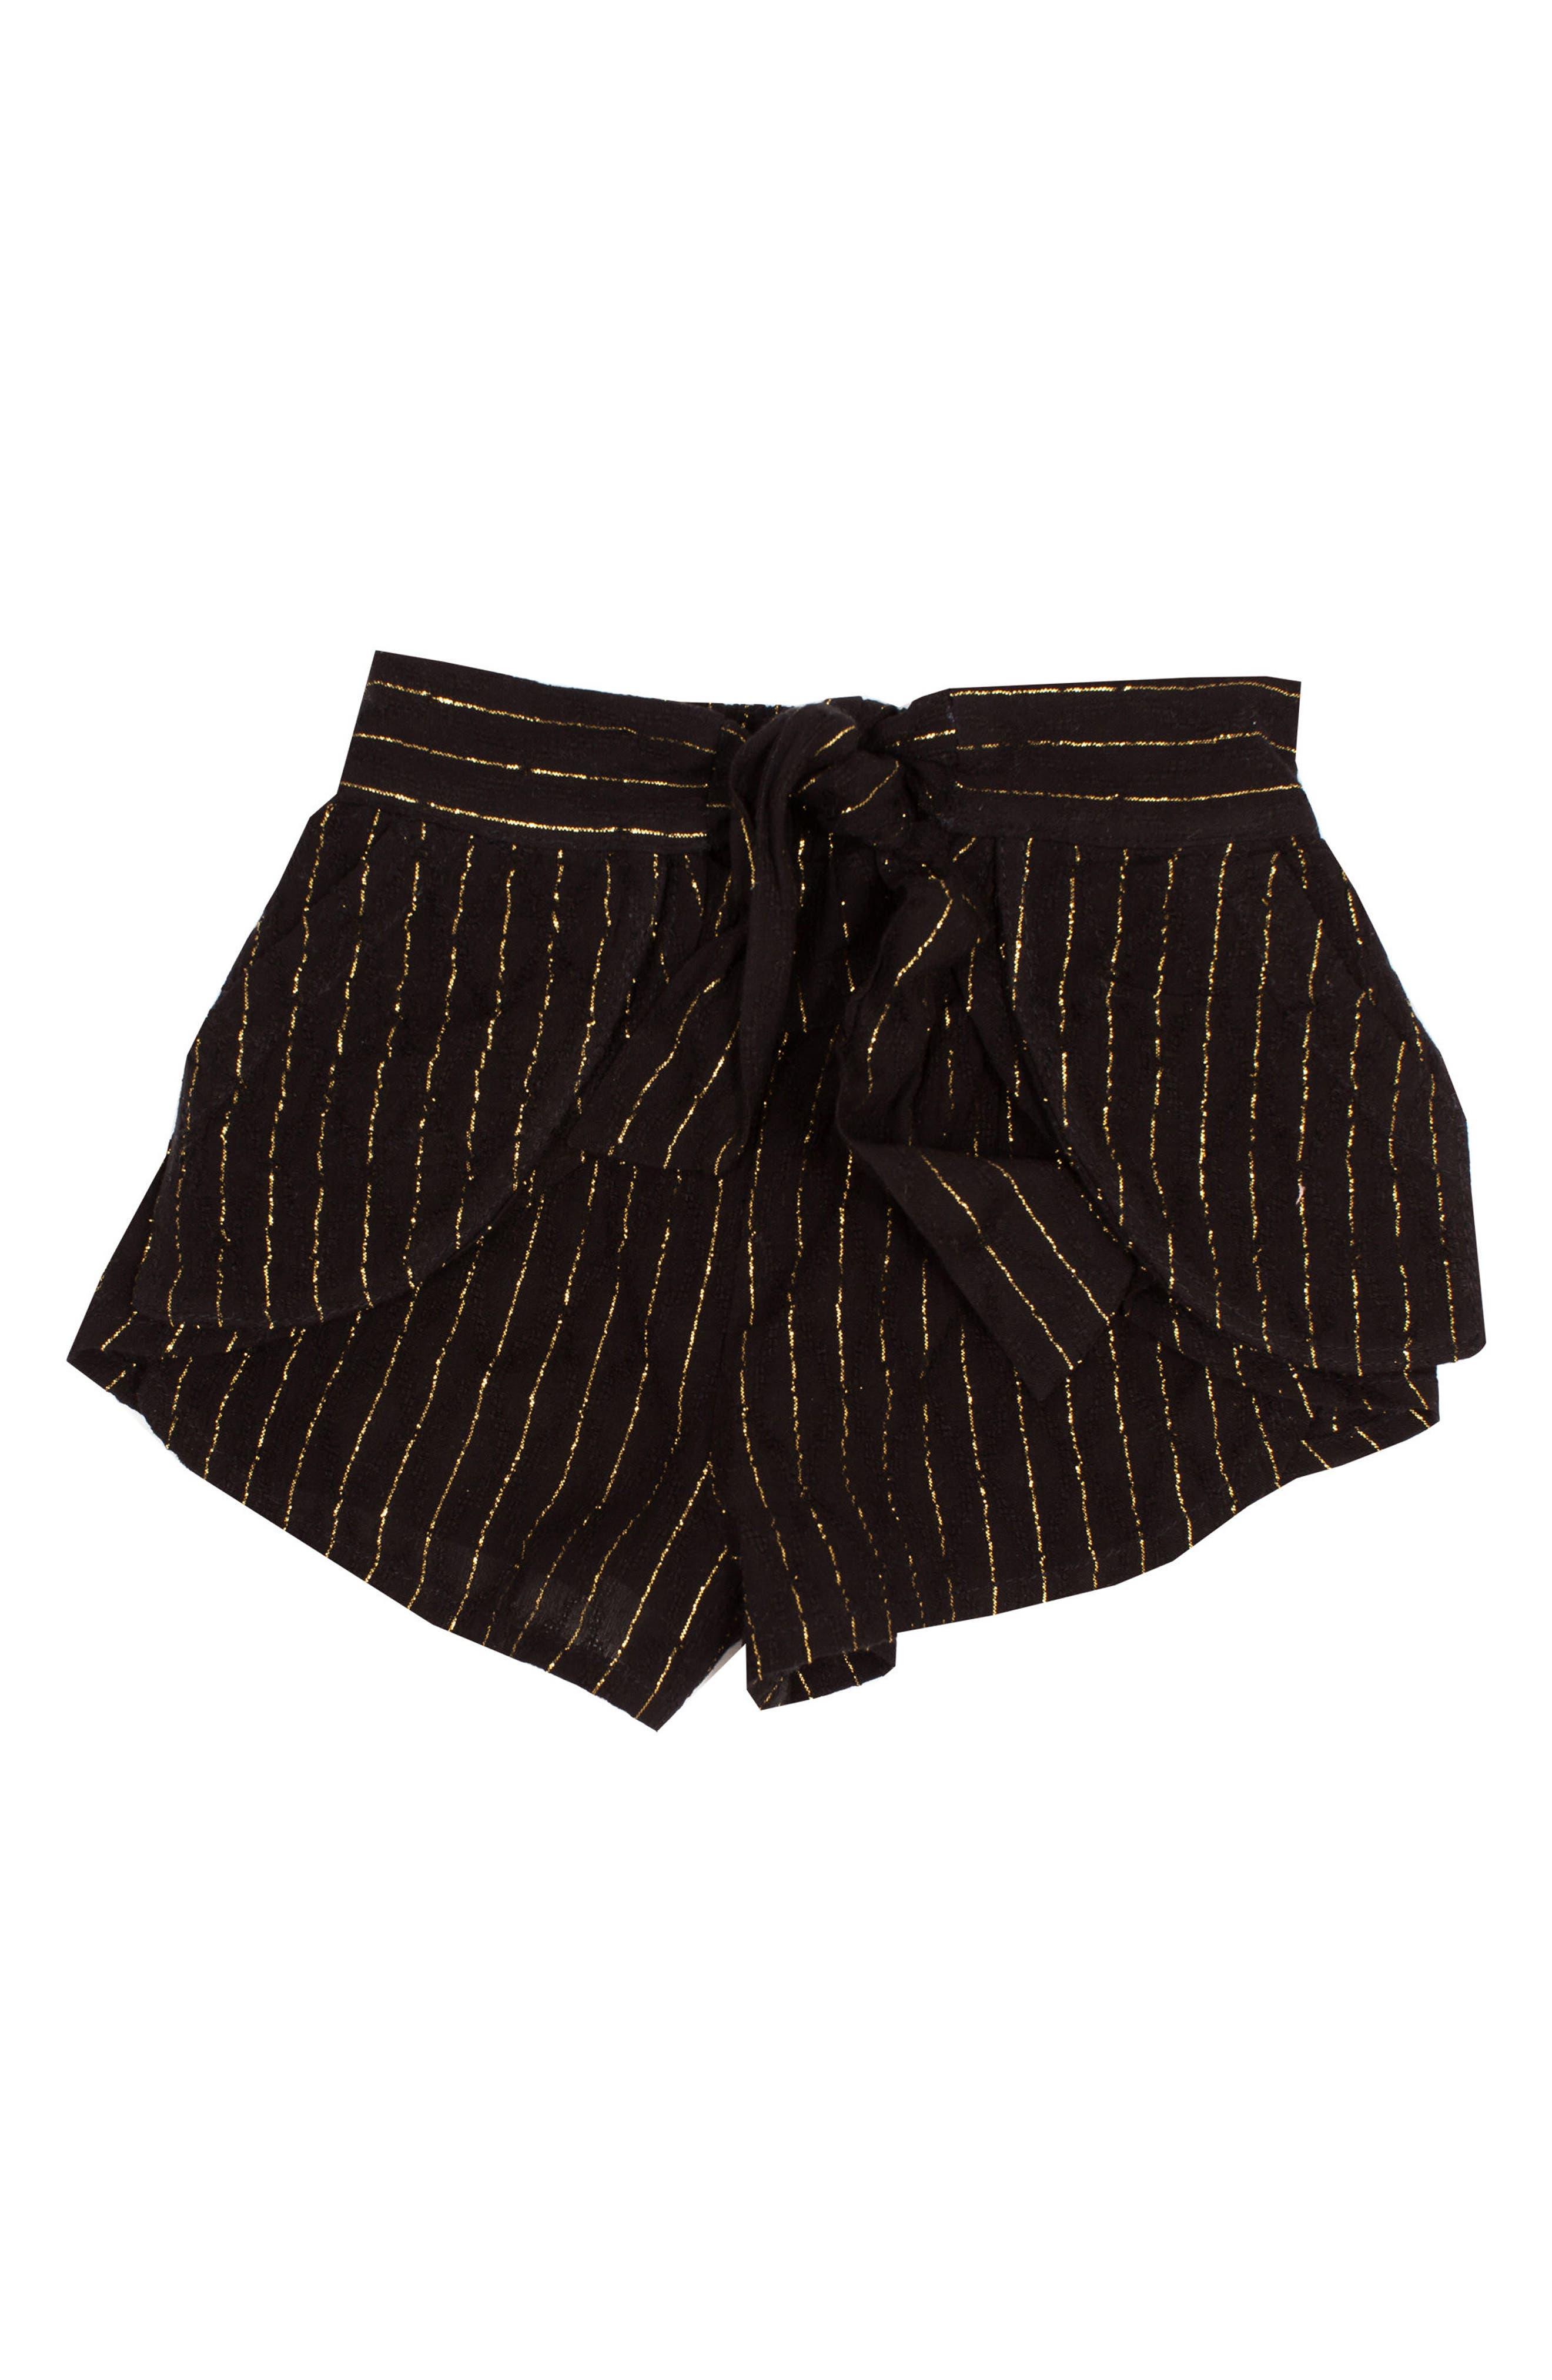 BOWIE X JAMES, Eclipse Metallic Stripe Shorts, Main thumbnail 1, color, BLACK